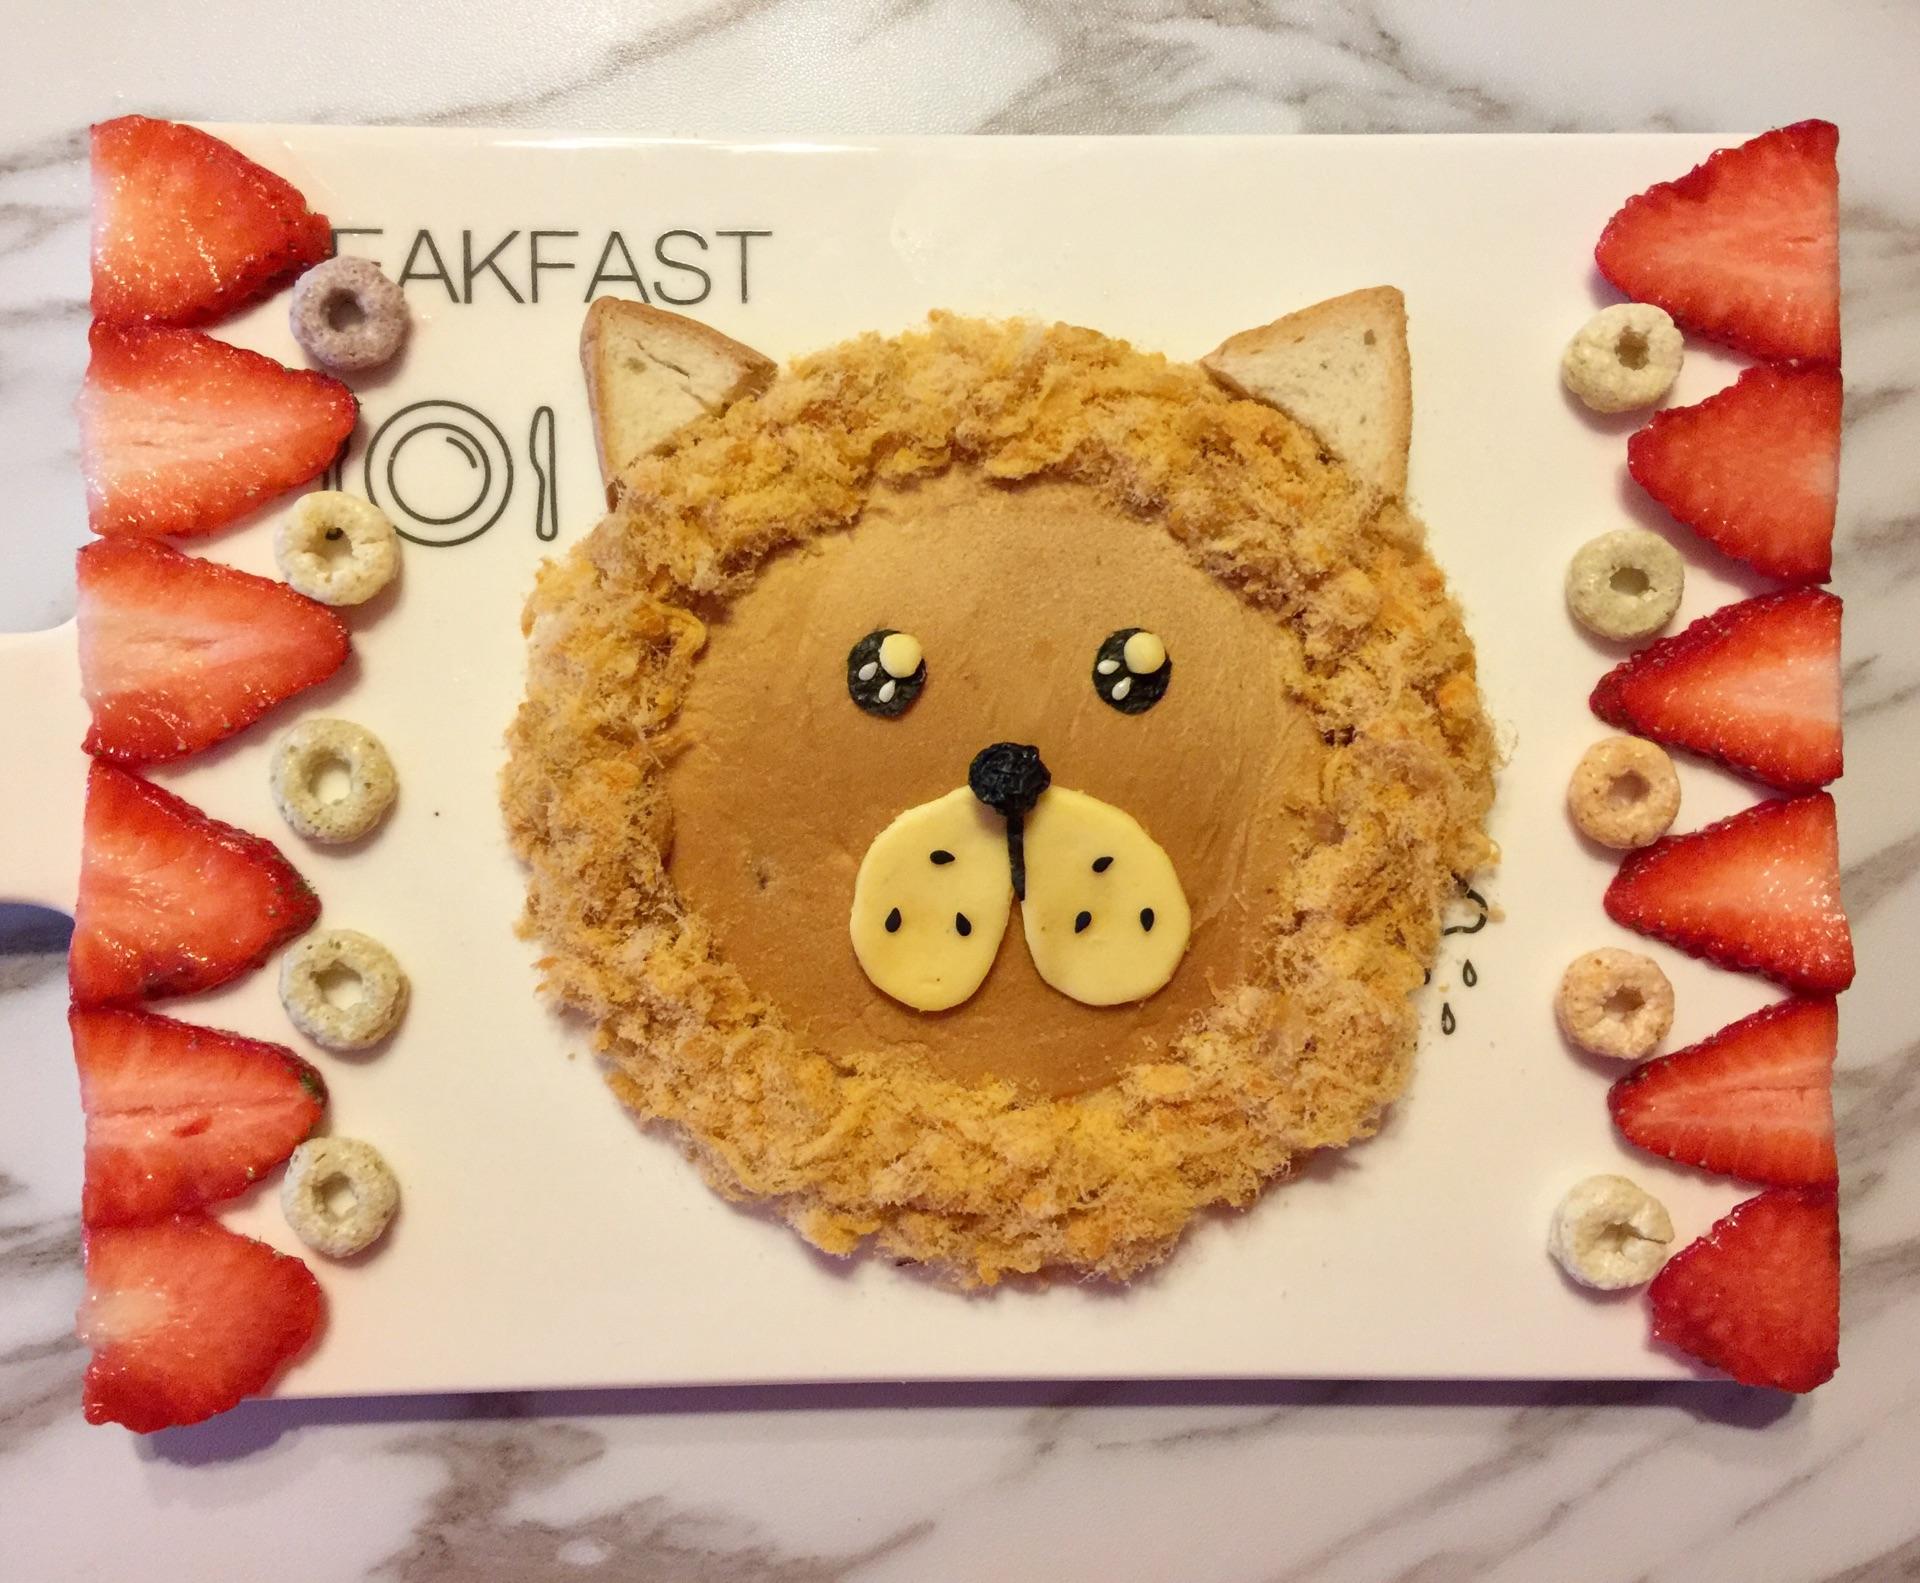 儿童早餐—狮子吐司的做法图解8